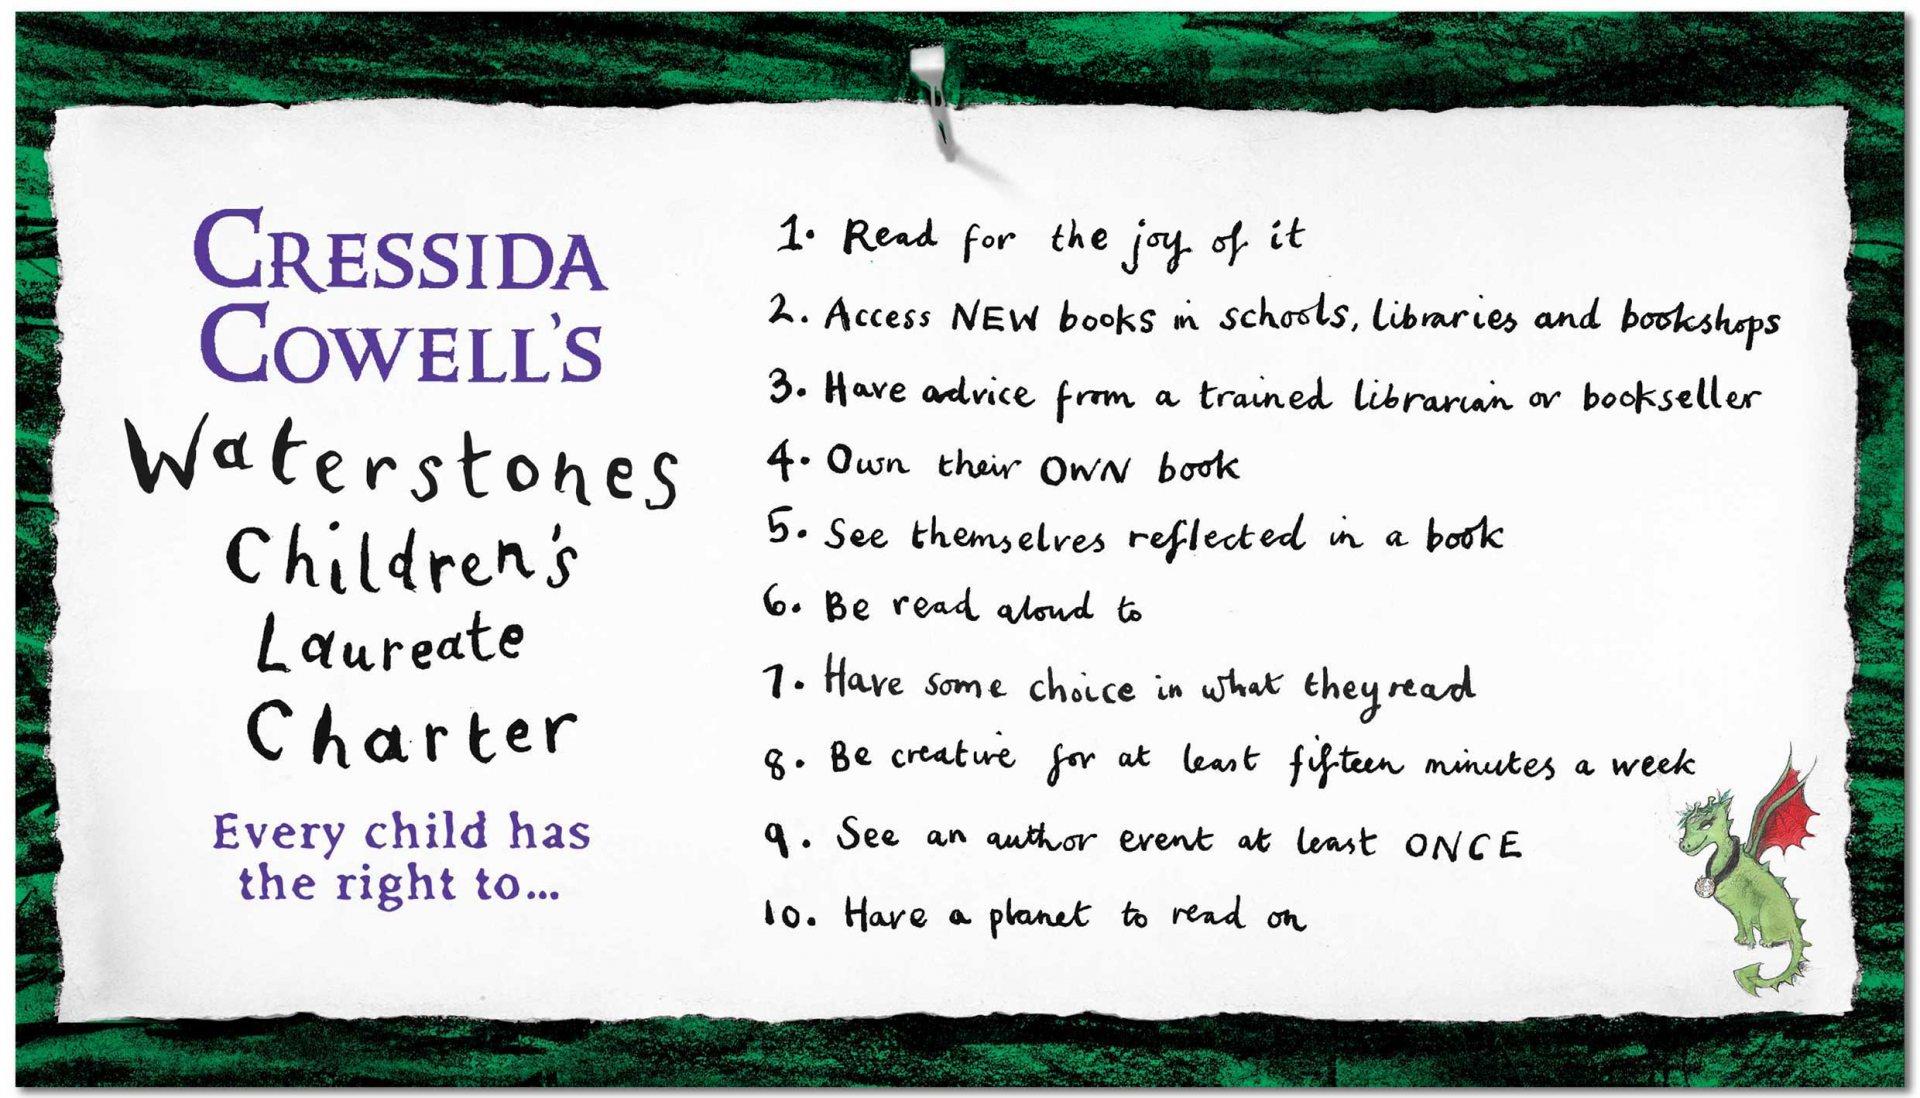 Cressida Cowell's Waterstones Children's Laureate Charter